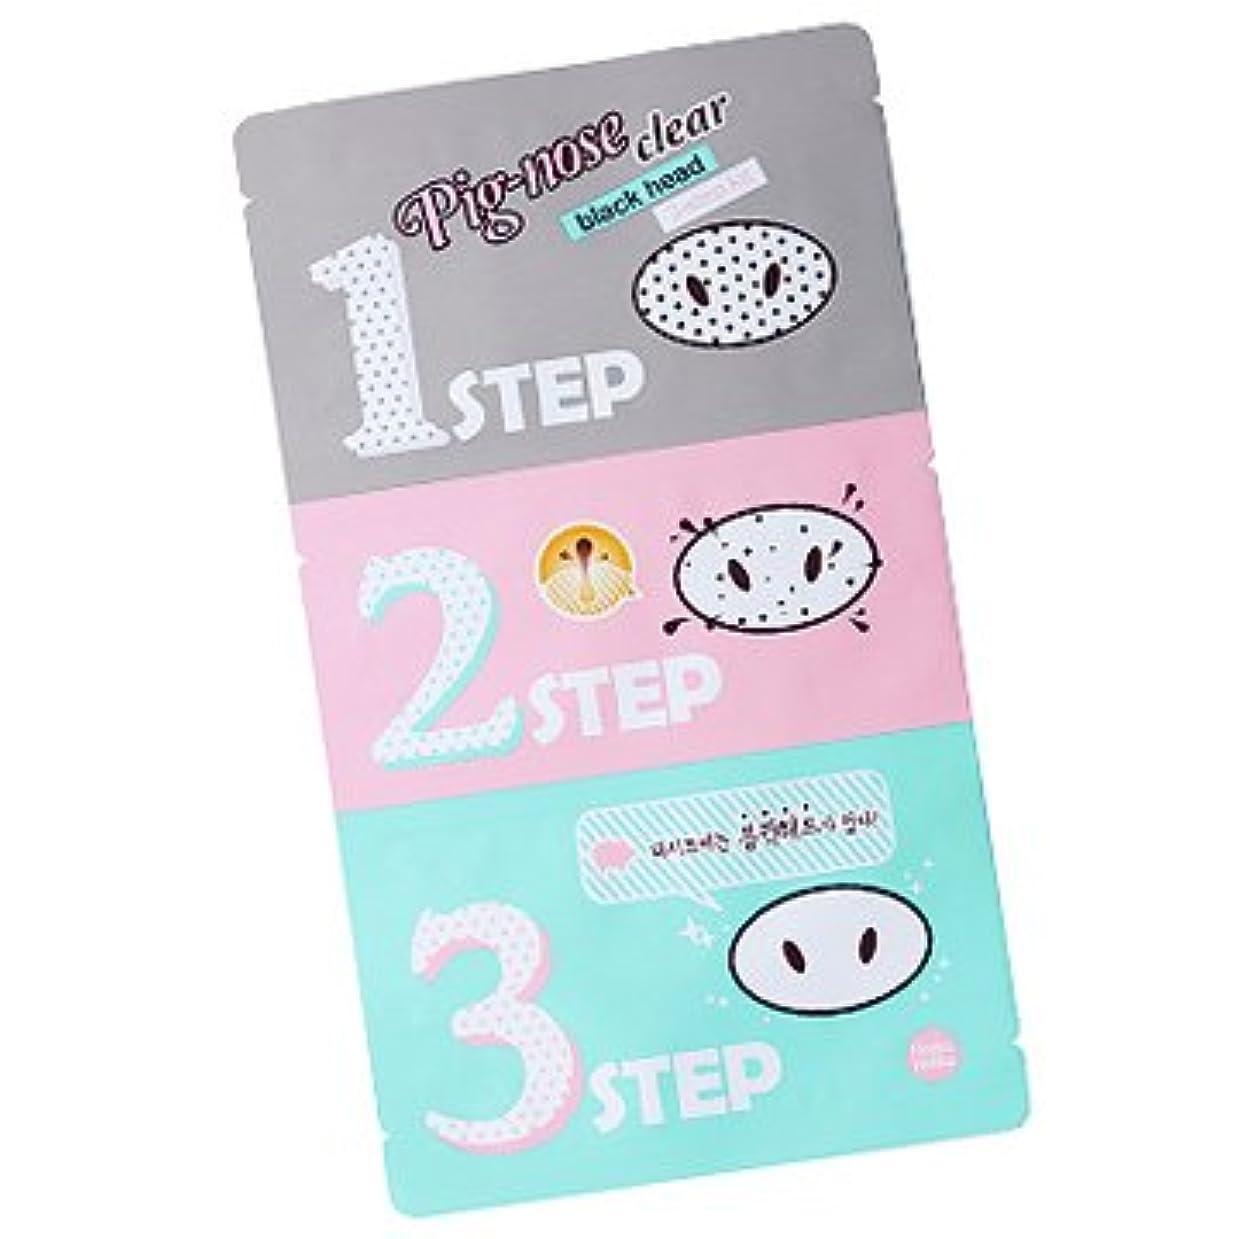 姿勢実行ジョージハンブリーHolika Holika Pig Nose Clear Black Head 3-Step Kit 10EA (Nose Pack) ホリカホリカ ピグノーズクリアブラックヘッド3-Stepキット(鼻パック) 10pcs...